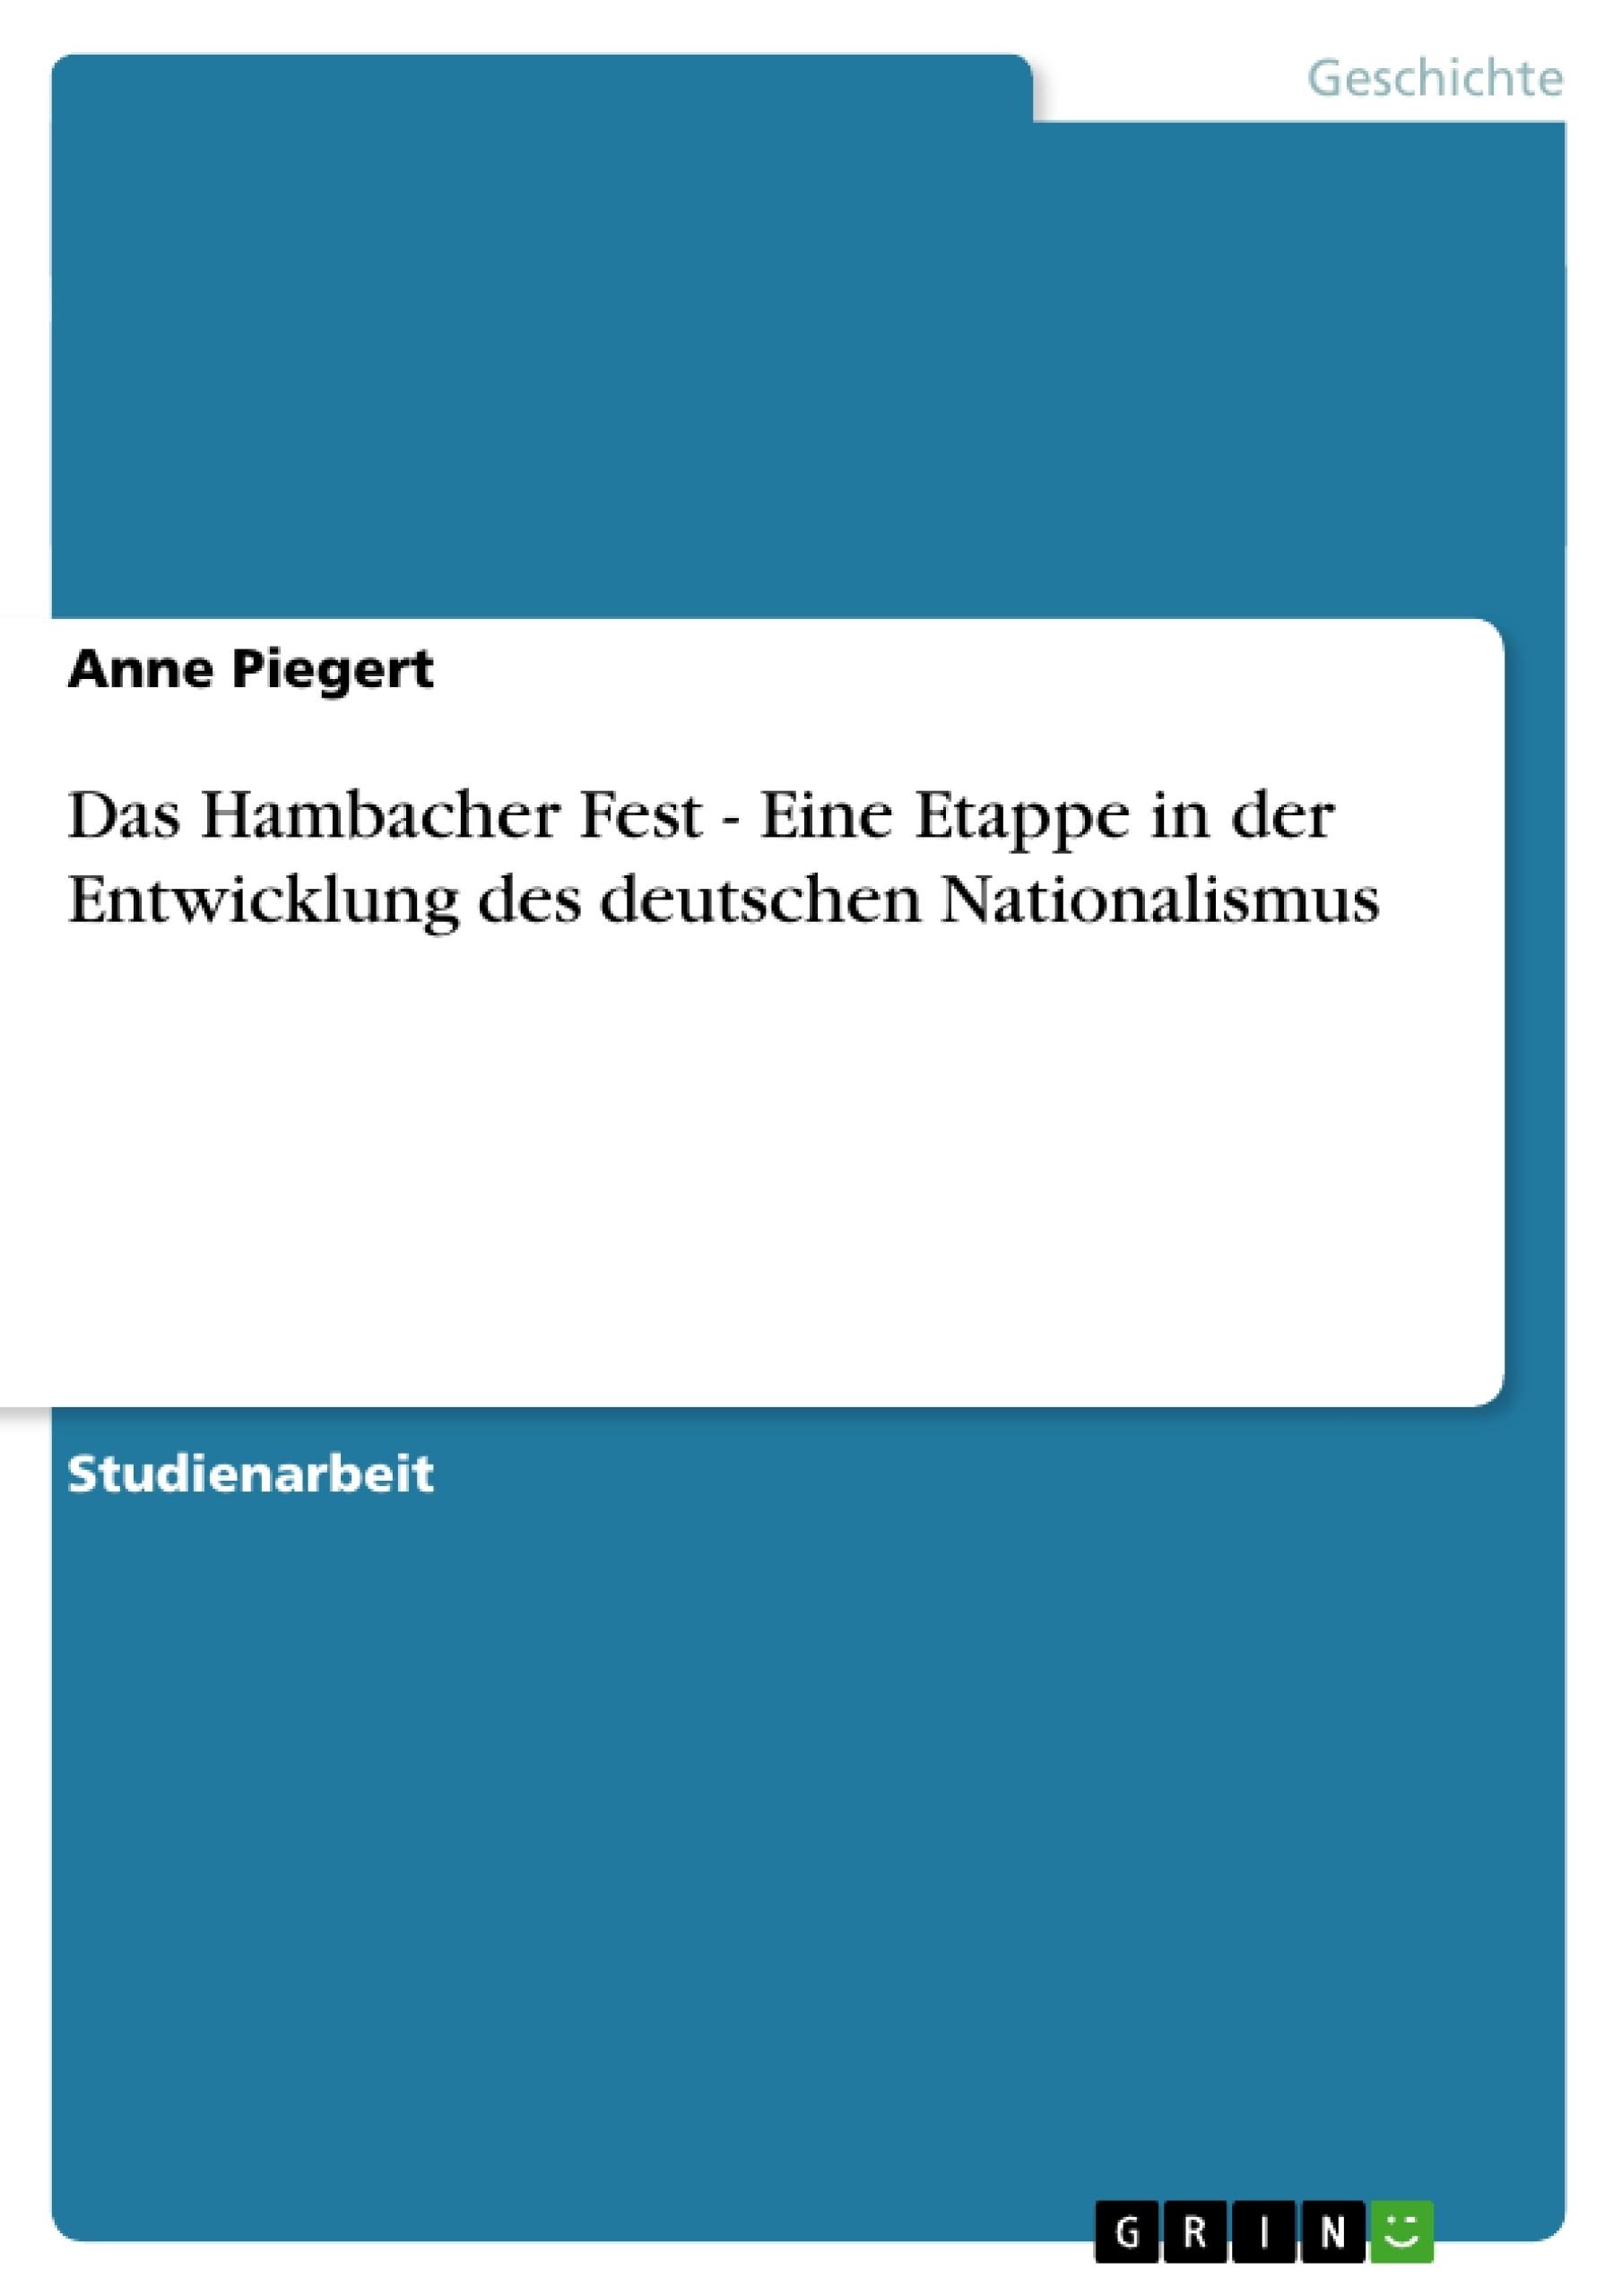 Titel: Das Hambacher Fest  -  Eine Etappe in der Entwicklung des deutschen Nationalismus